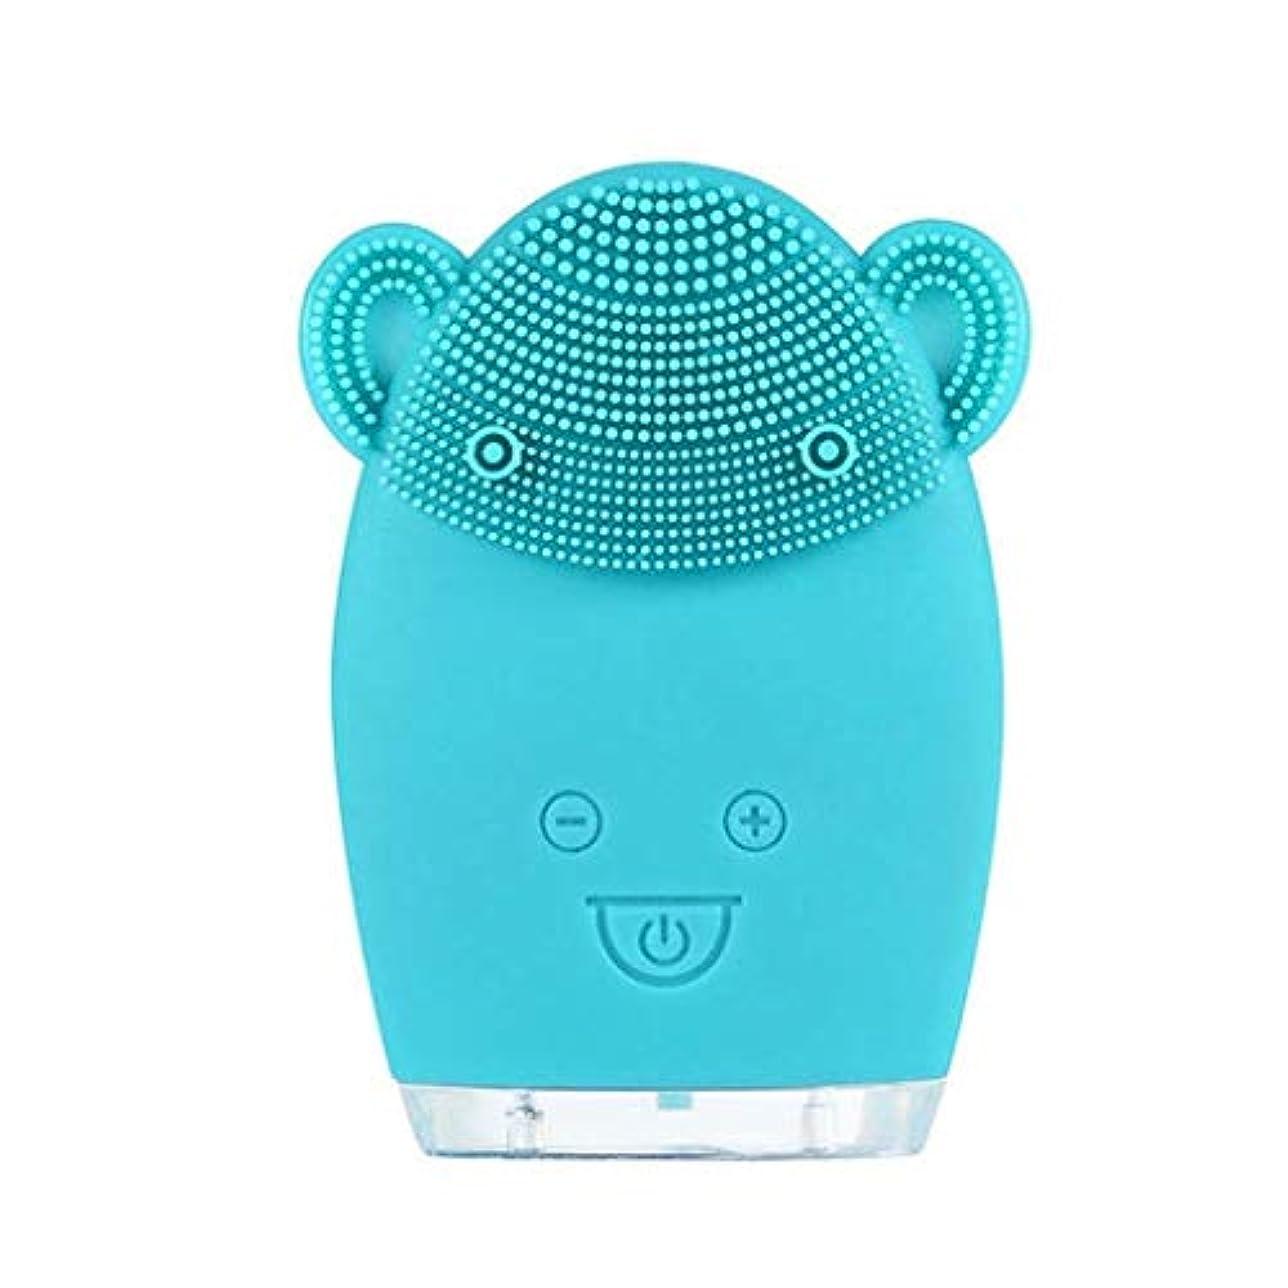 電話をかける意義幹フェイシャルクレンジングブラシ、ディープクレンジング用の防水ワイヤレス充電式シリコンフェイシャルクレンザー、穏やかな角質除去、黒ずみの除去、アンチエイジングマッサージ (Color : 青)